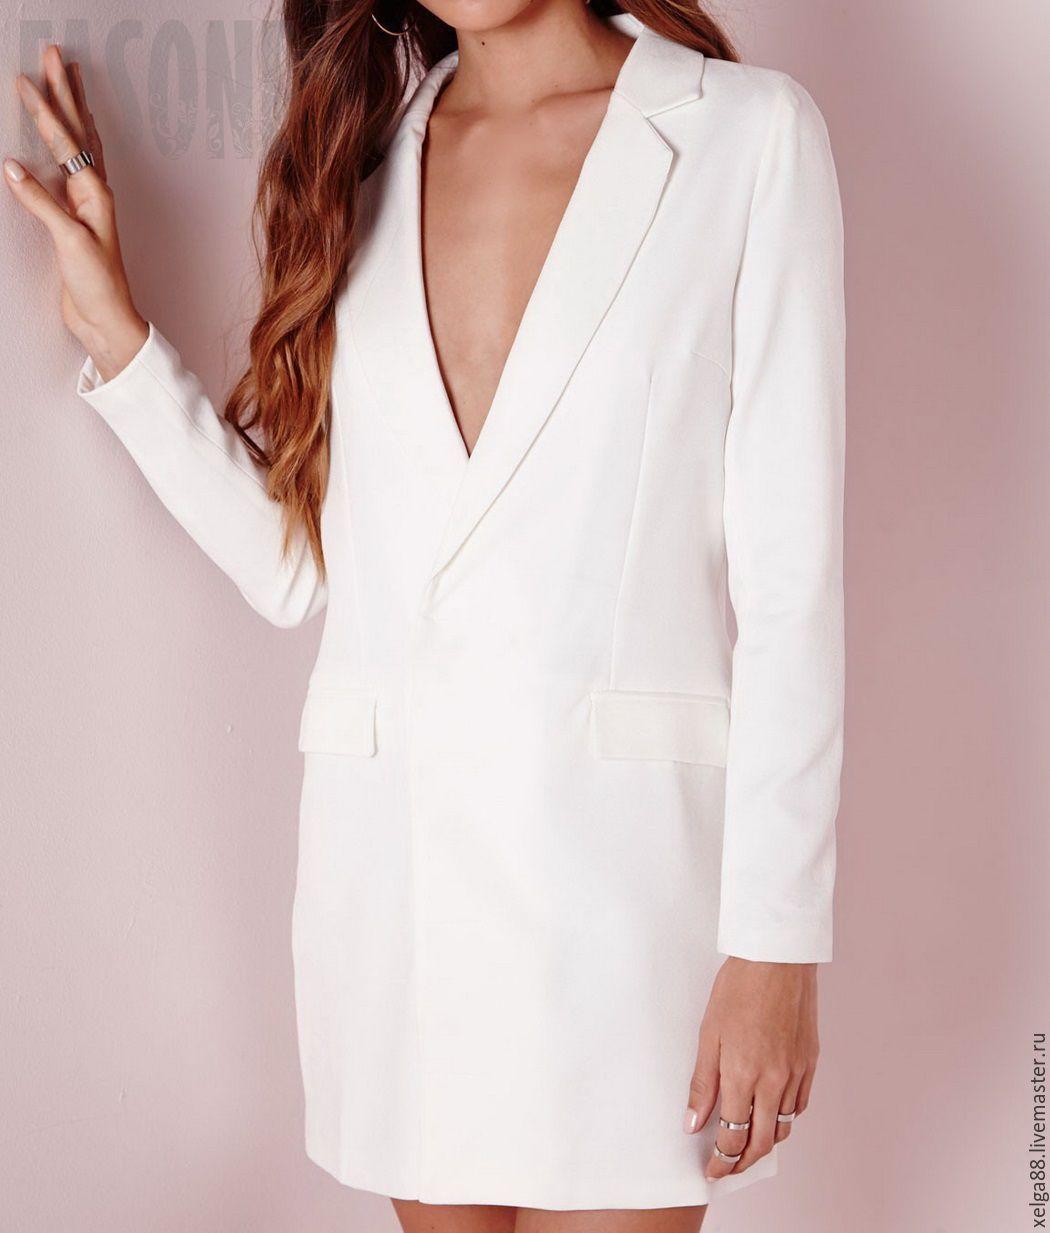 82deddfc189 Купить Платье пиджак белое